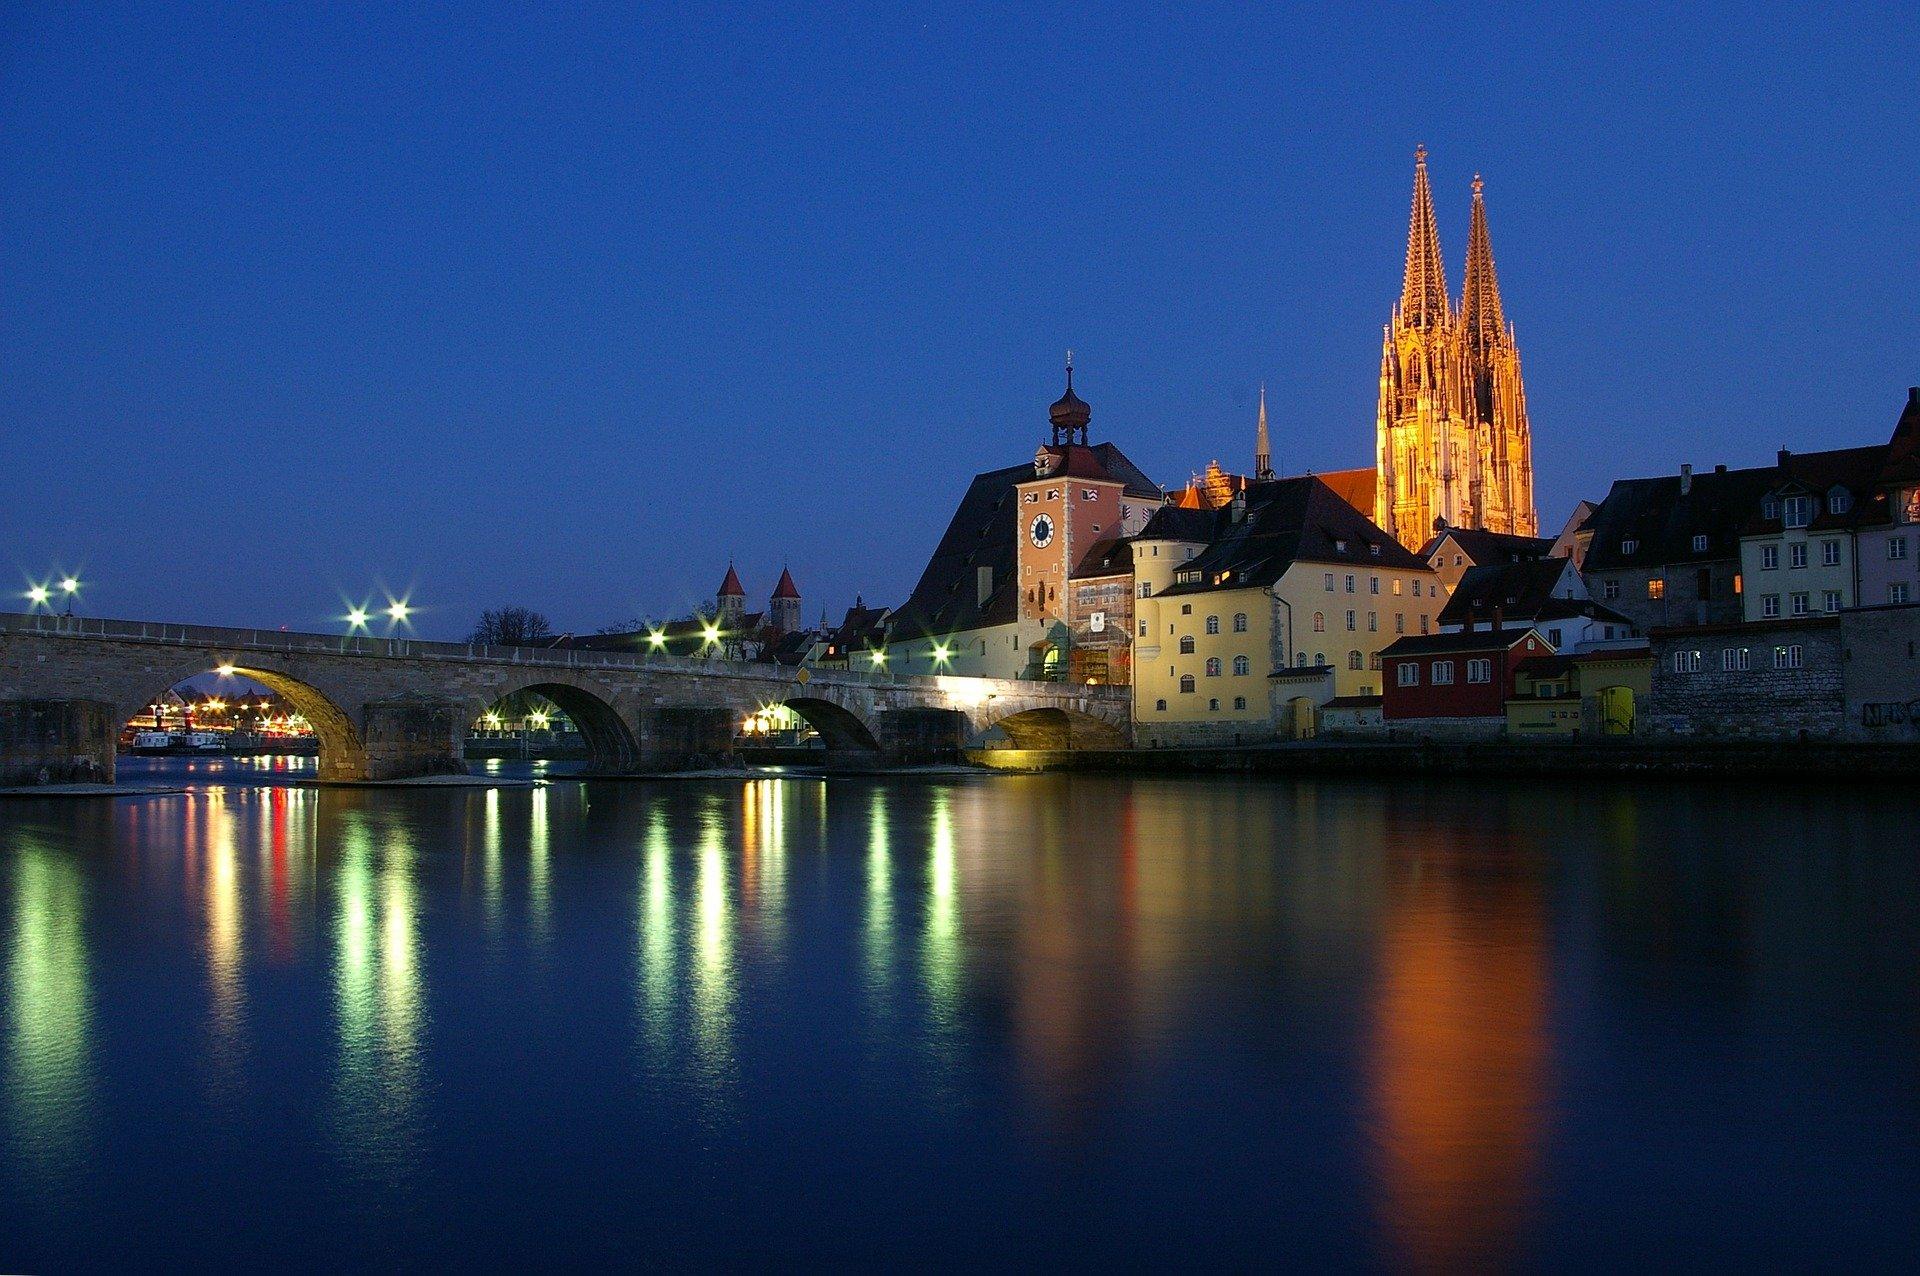 Blick über Donau auf Regensburg mit steinerner Brücke und Dom bei Nacht